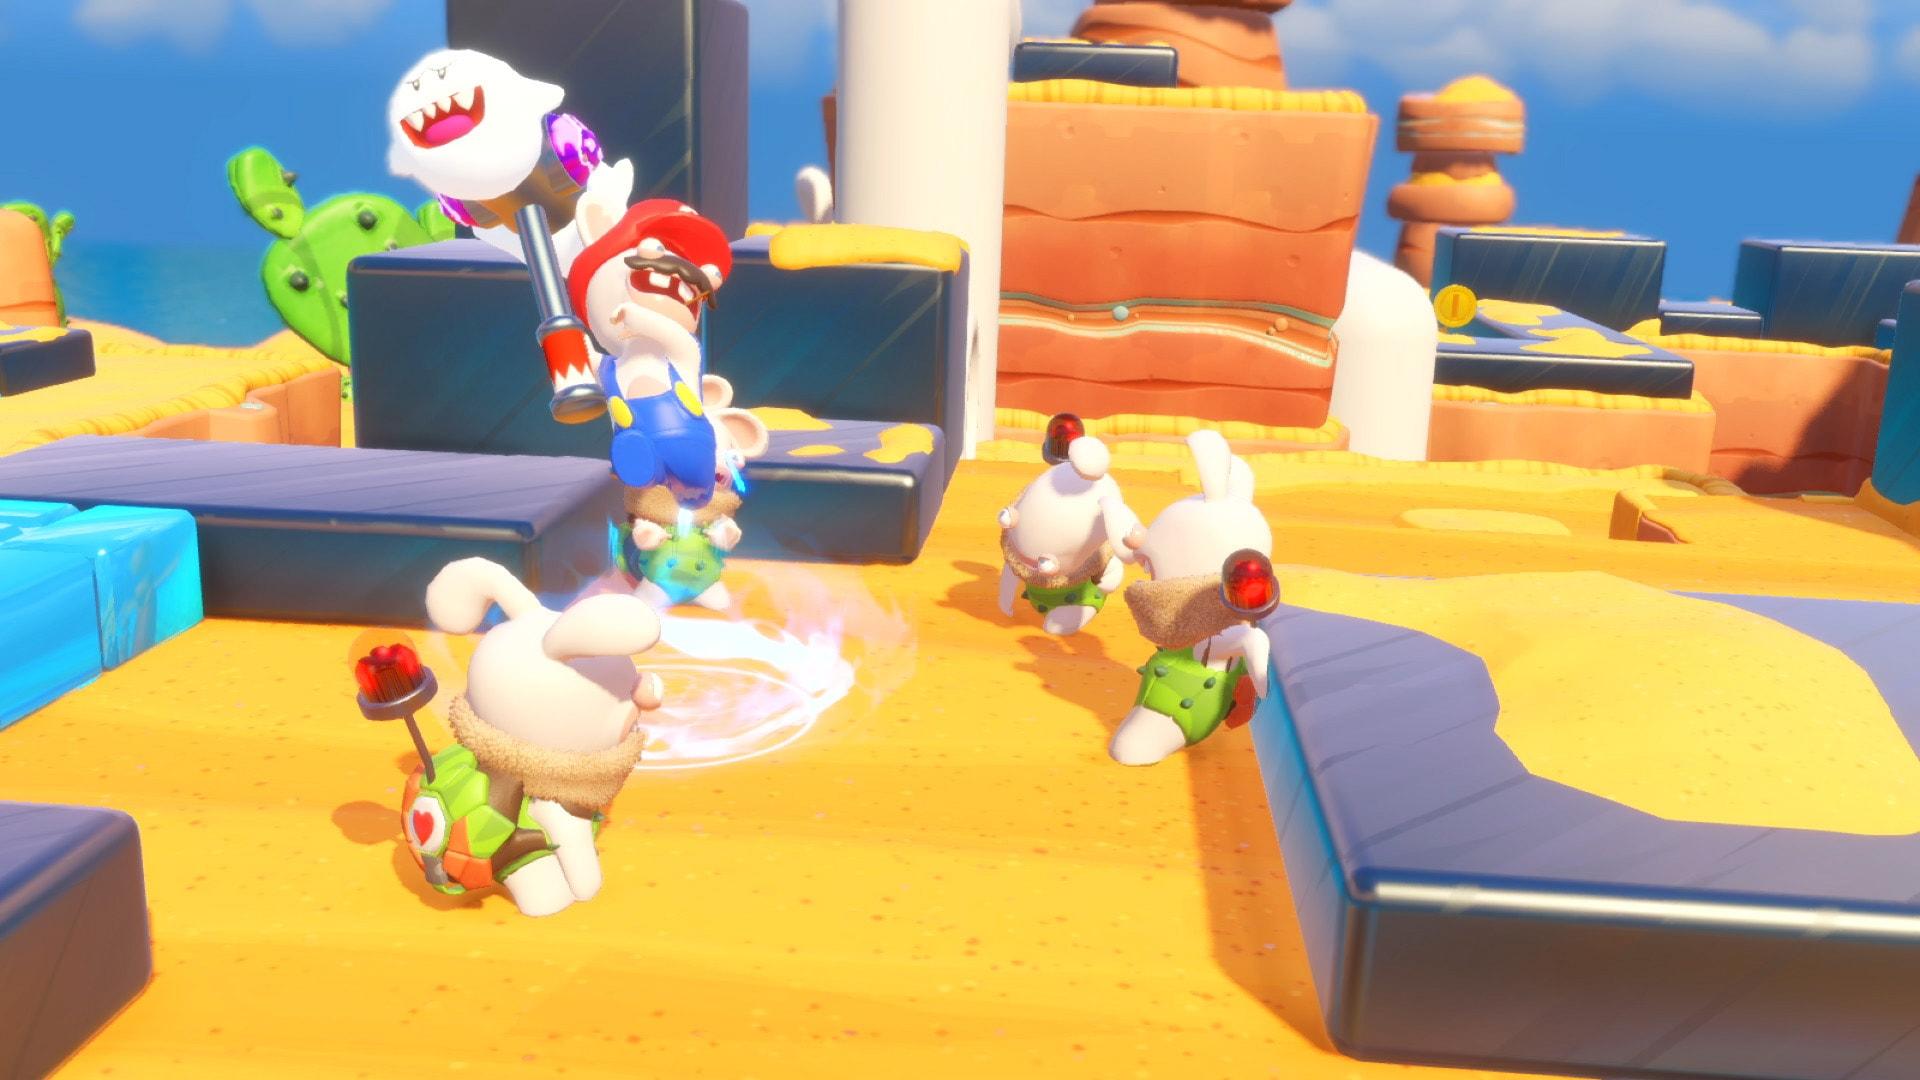 Imágenes de Mario + Rabbids Kingdom Battle, el juego de Ubisoft para Nintendo Switch